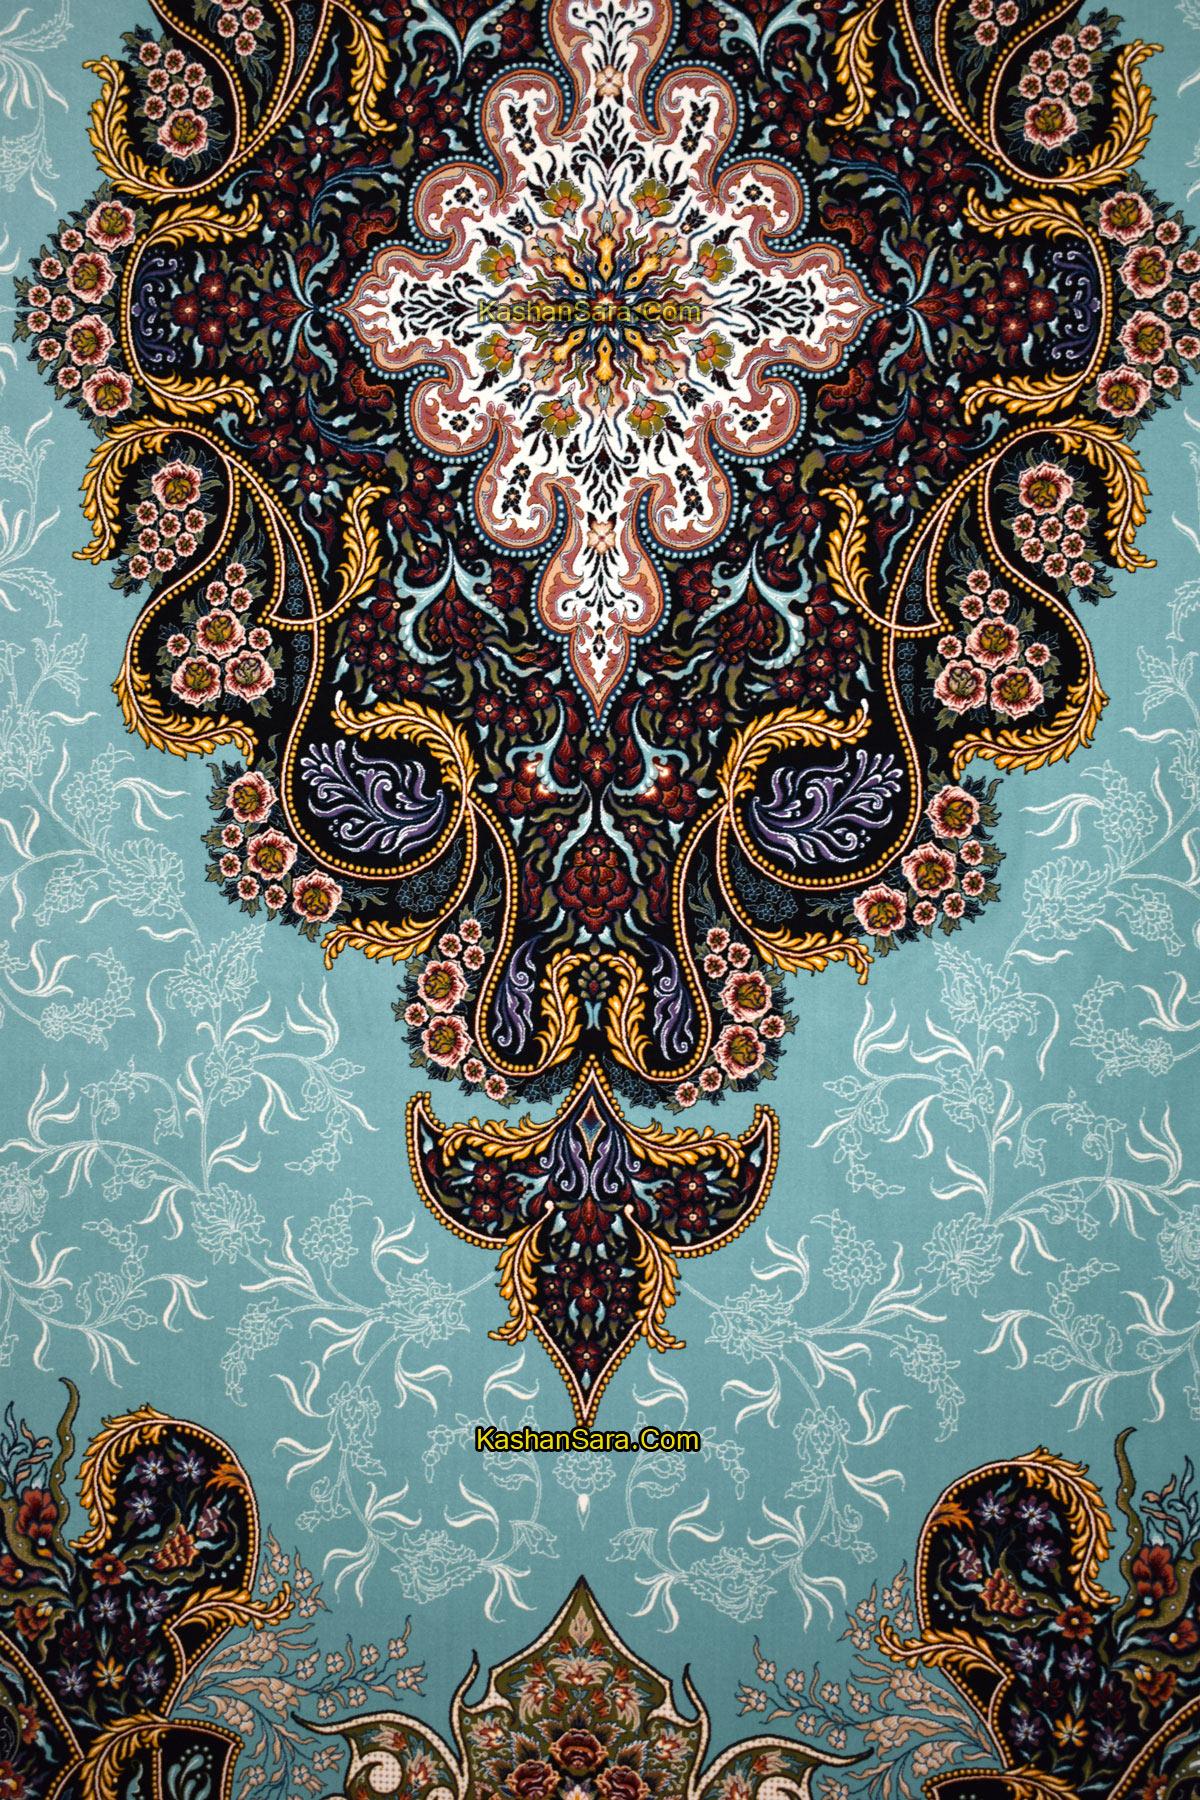 خرید فرش ماشینی کاشان نقشه شهرزاد ۱۰۰۰ شانه